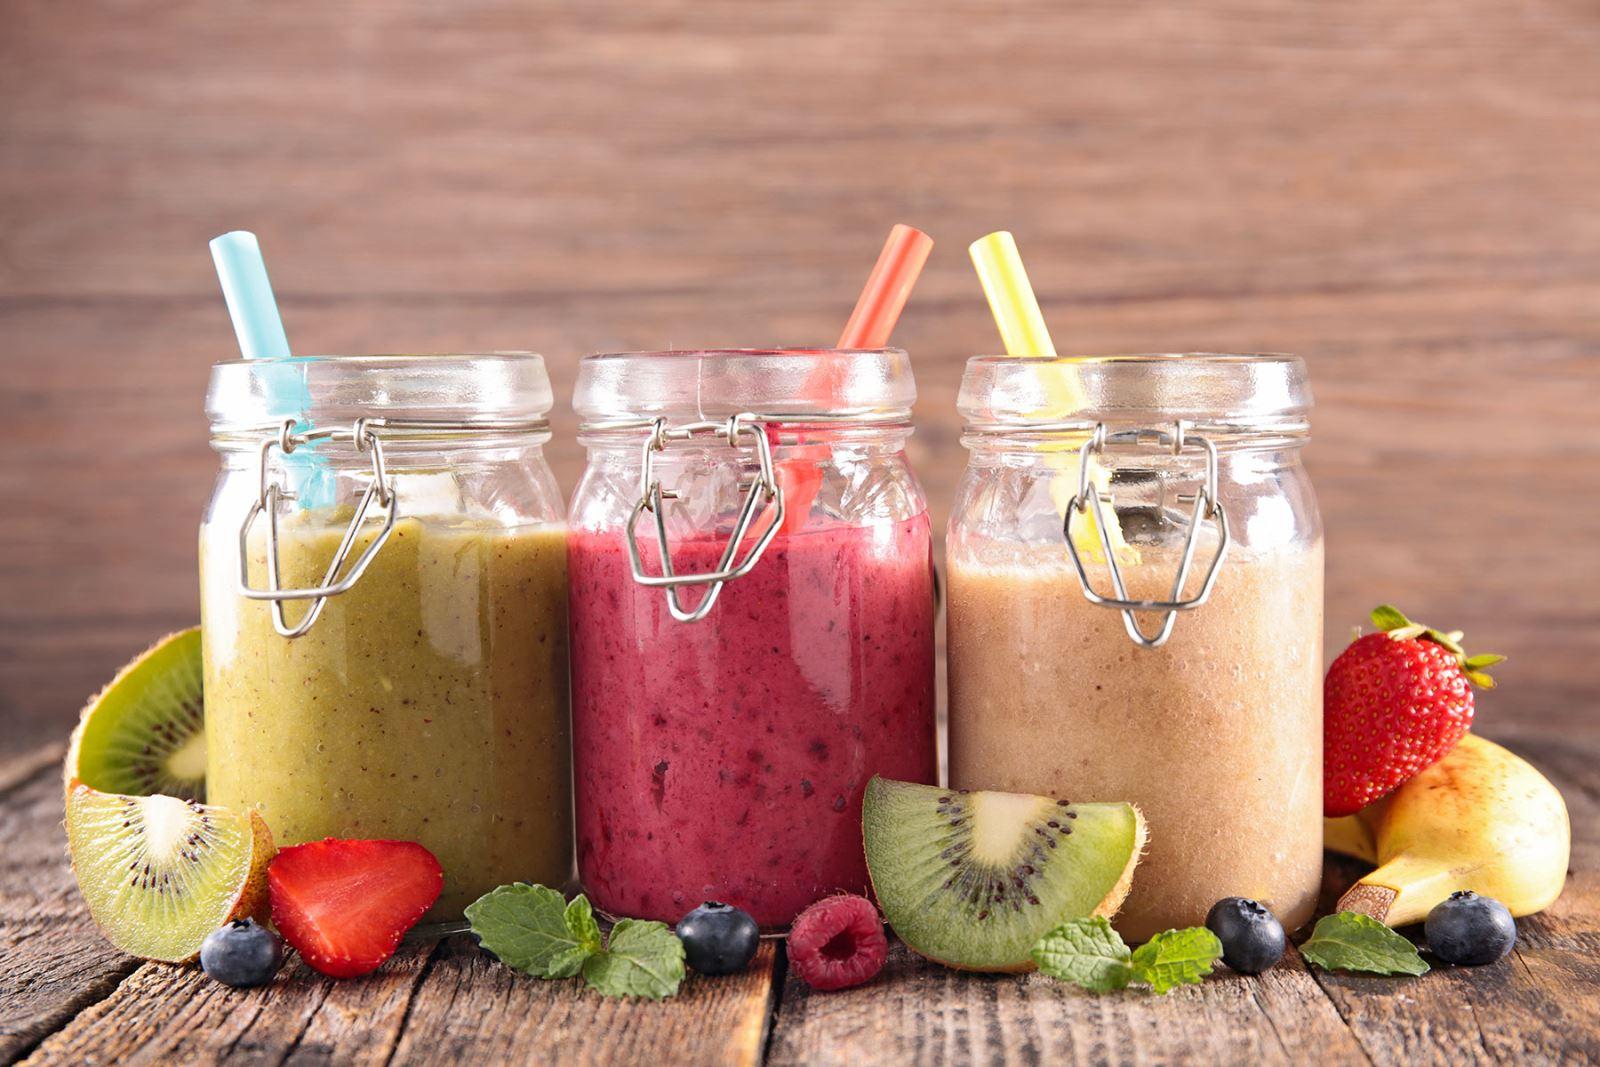 Các công thức smoothie giúp giảm cân và thanh lọc cơ thể thơm ngon, hấp dẫn  - Ảnh 1